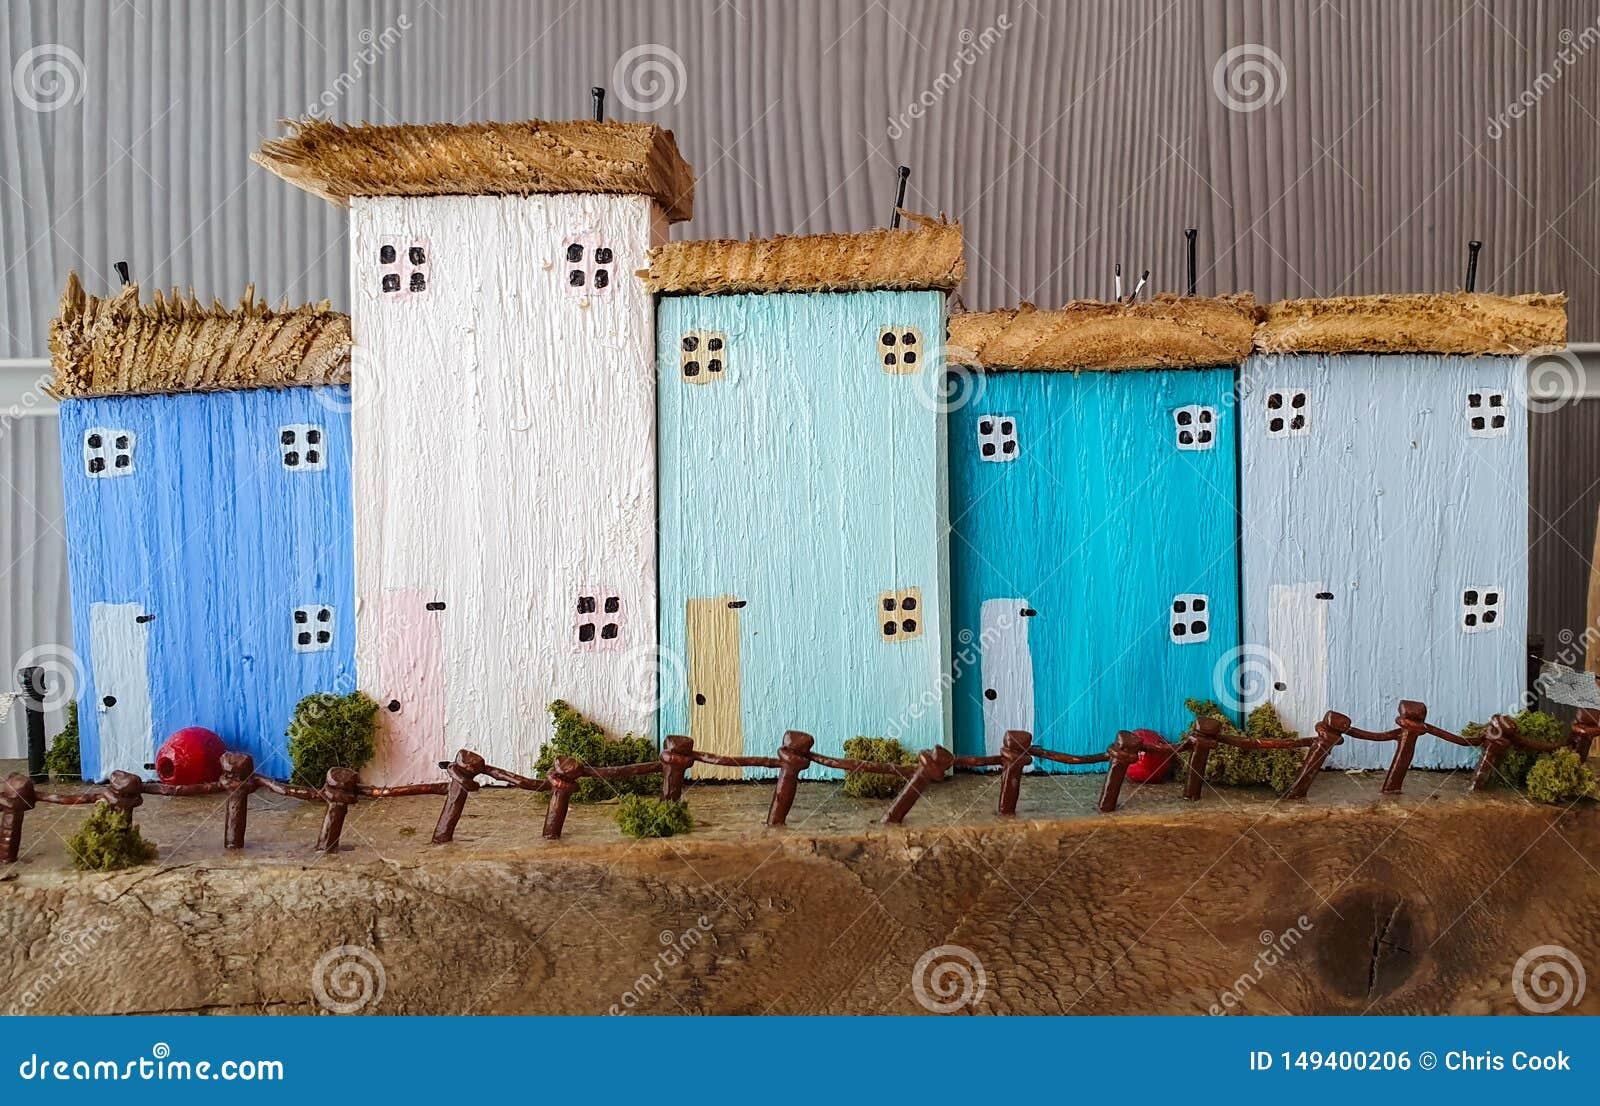 Небольшая маленькая модель которая показывает концепцию покупки нового родного дома